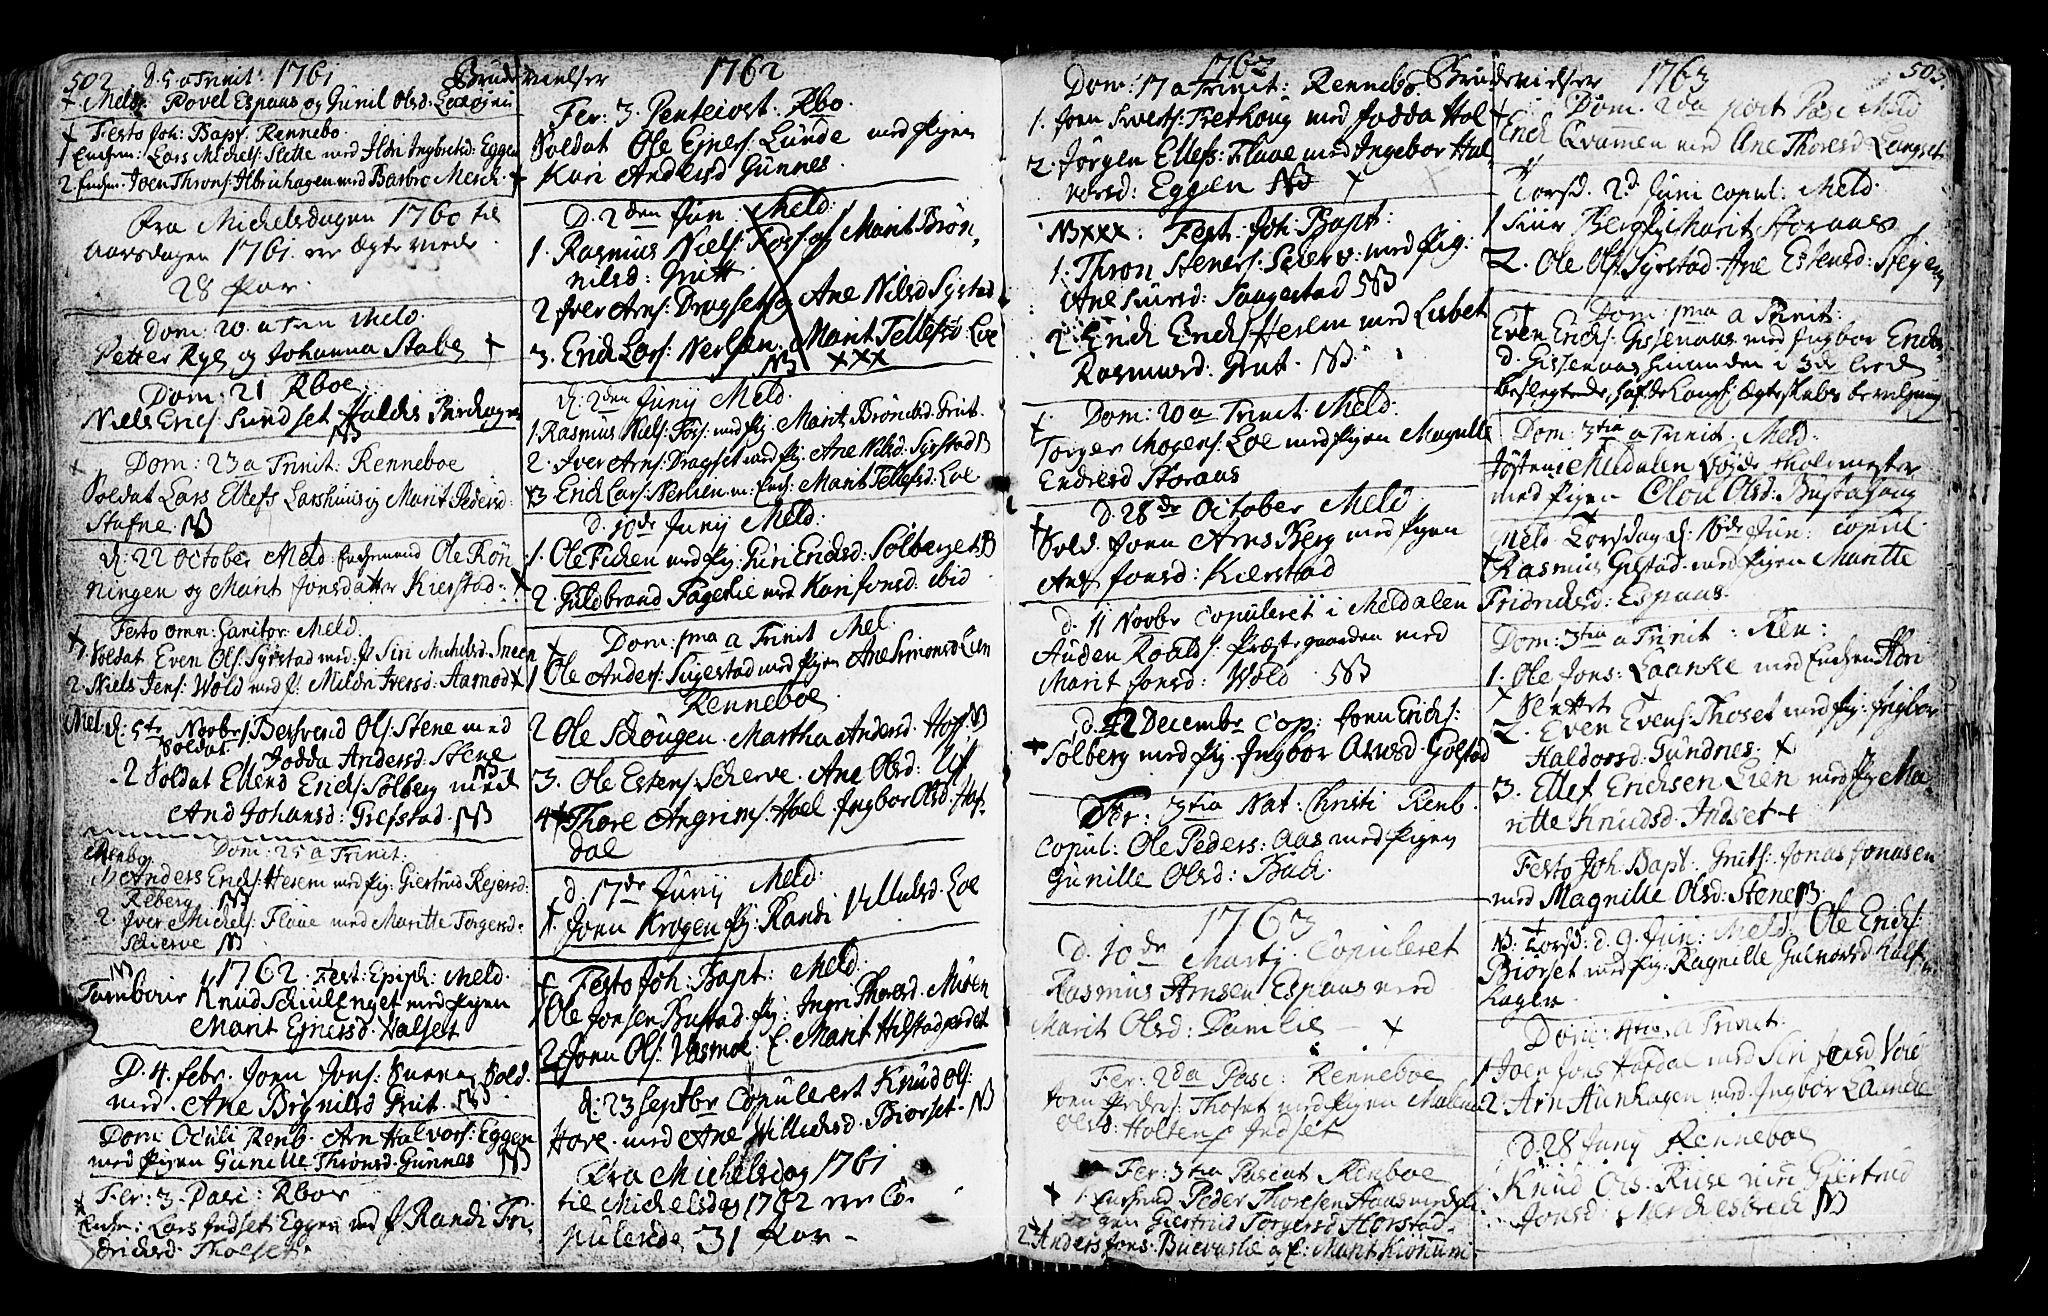 SAT, Ministerialprotokoller, klokkerbøker og fødselsregistre - Sør-Trøndelag, 672/L0851: Ministerialbok nr. 672A04, 1751-1775, s. 502-503